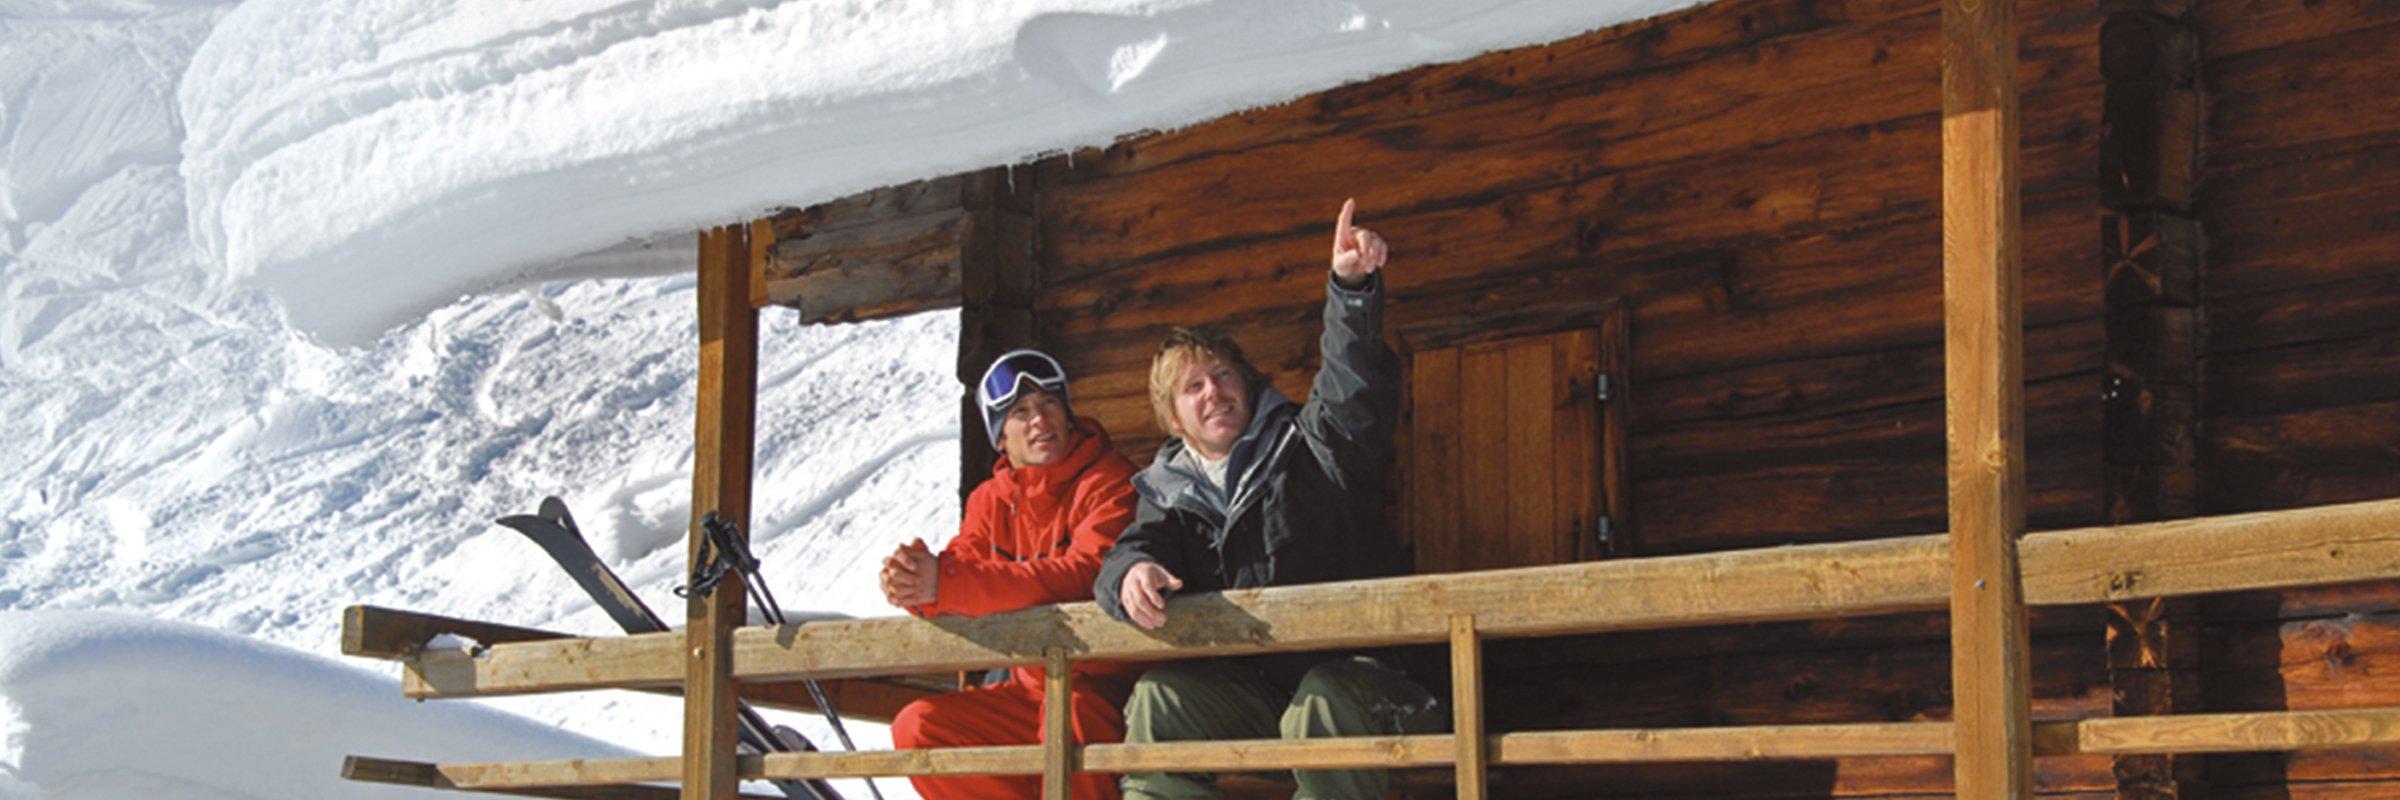 Freunde Skifahren Hochfuegen